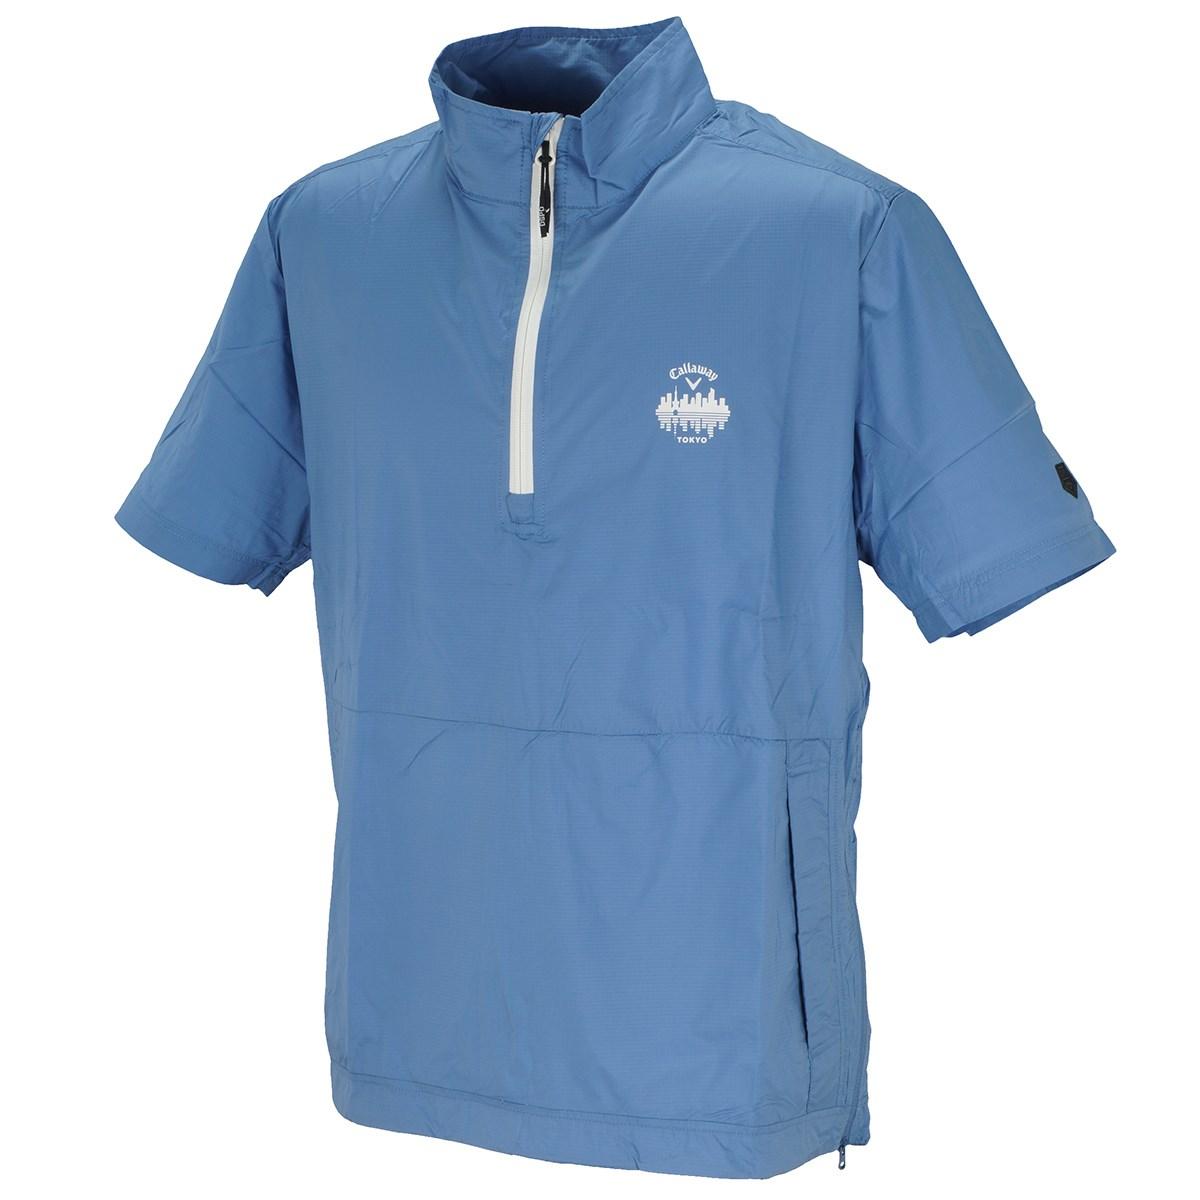 キャロウェイゴルフ Callaway Golf レギュラーシルエット リップストップ 半袖ブルゾン M ブルー 110